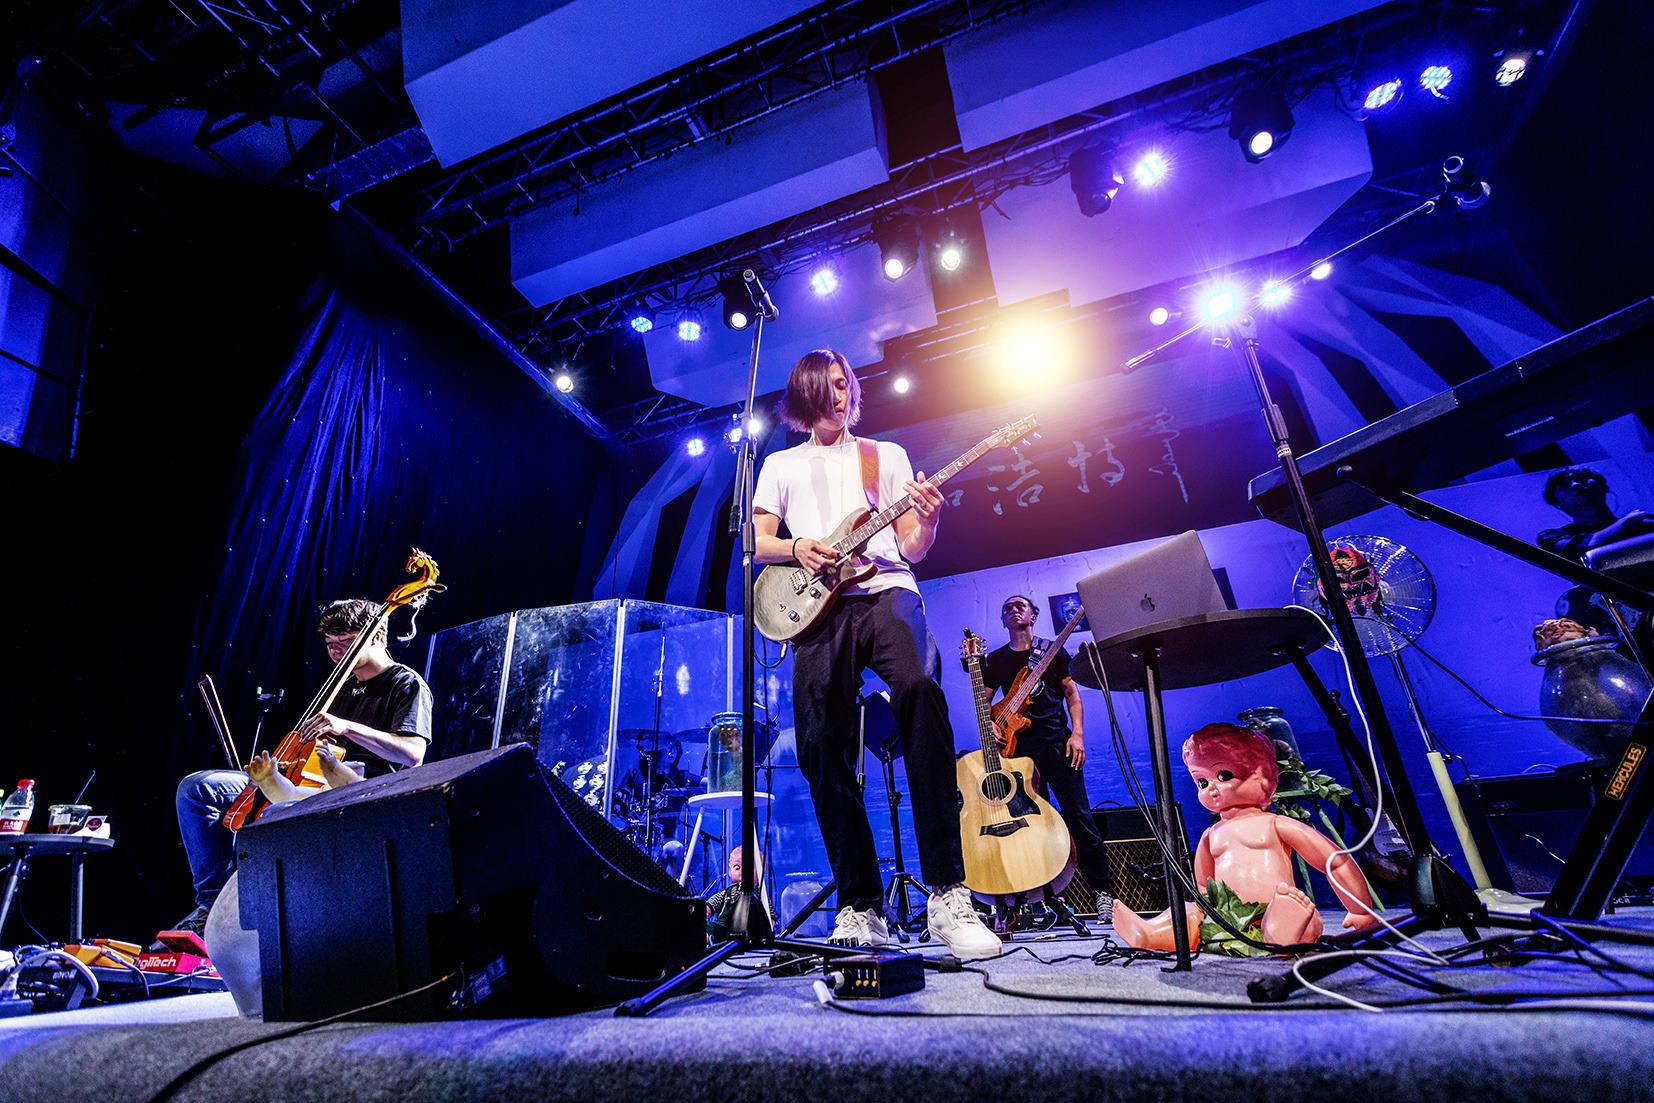 马文新专辑震撼首唱:超越年龄和时代的音乐审美